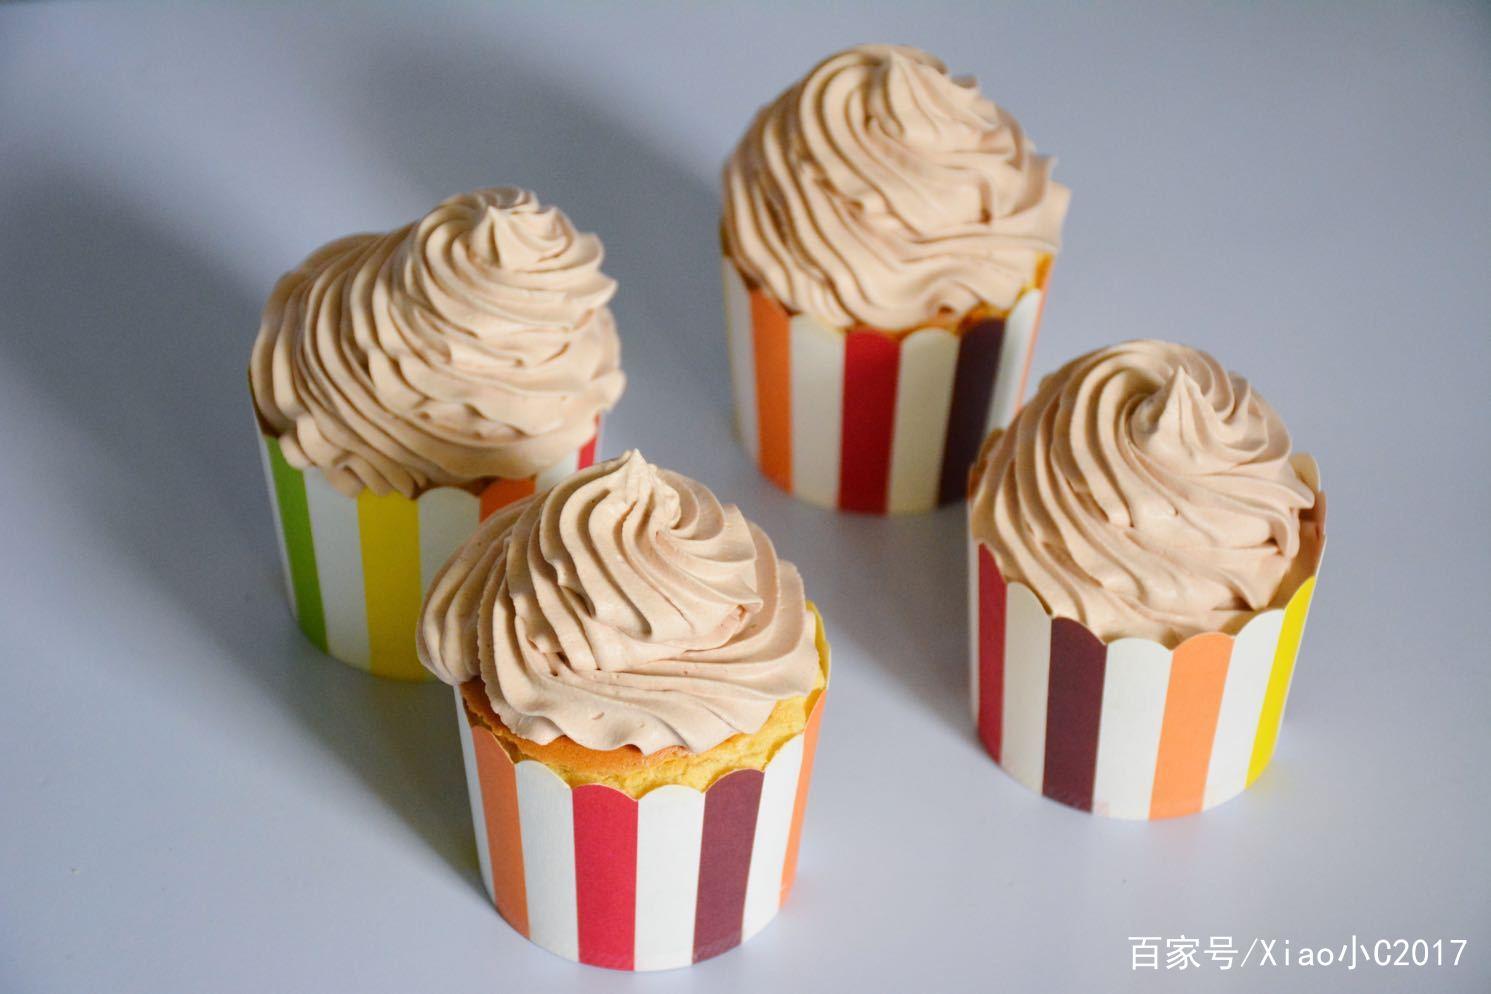 请查收你的儿童节礼物,简单好吃的奶油纸杯蛋糕,孩子特别喜欢